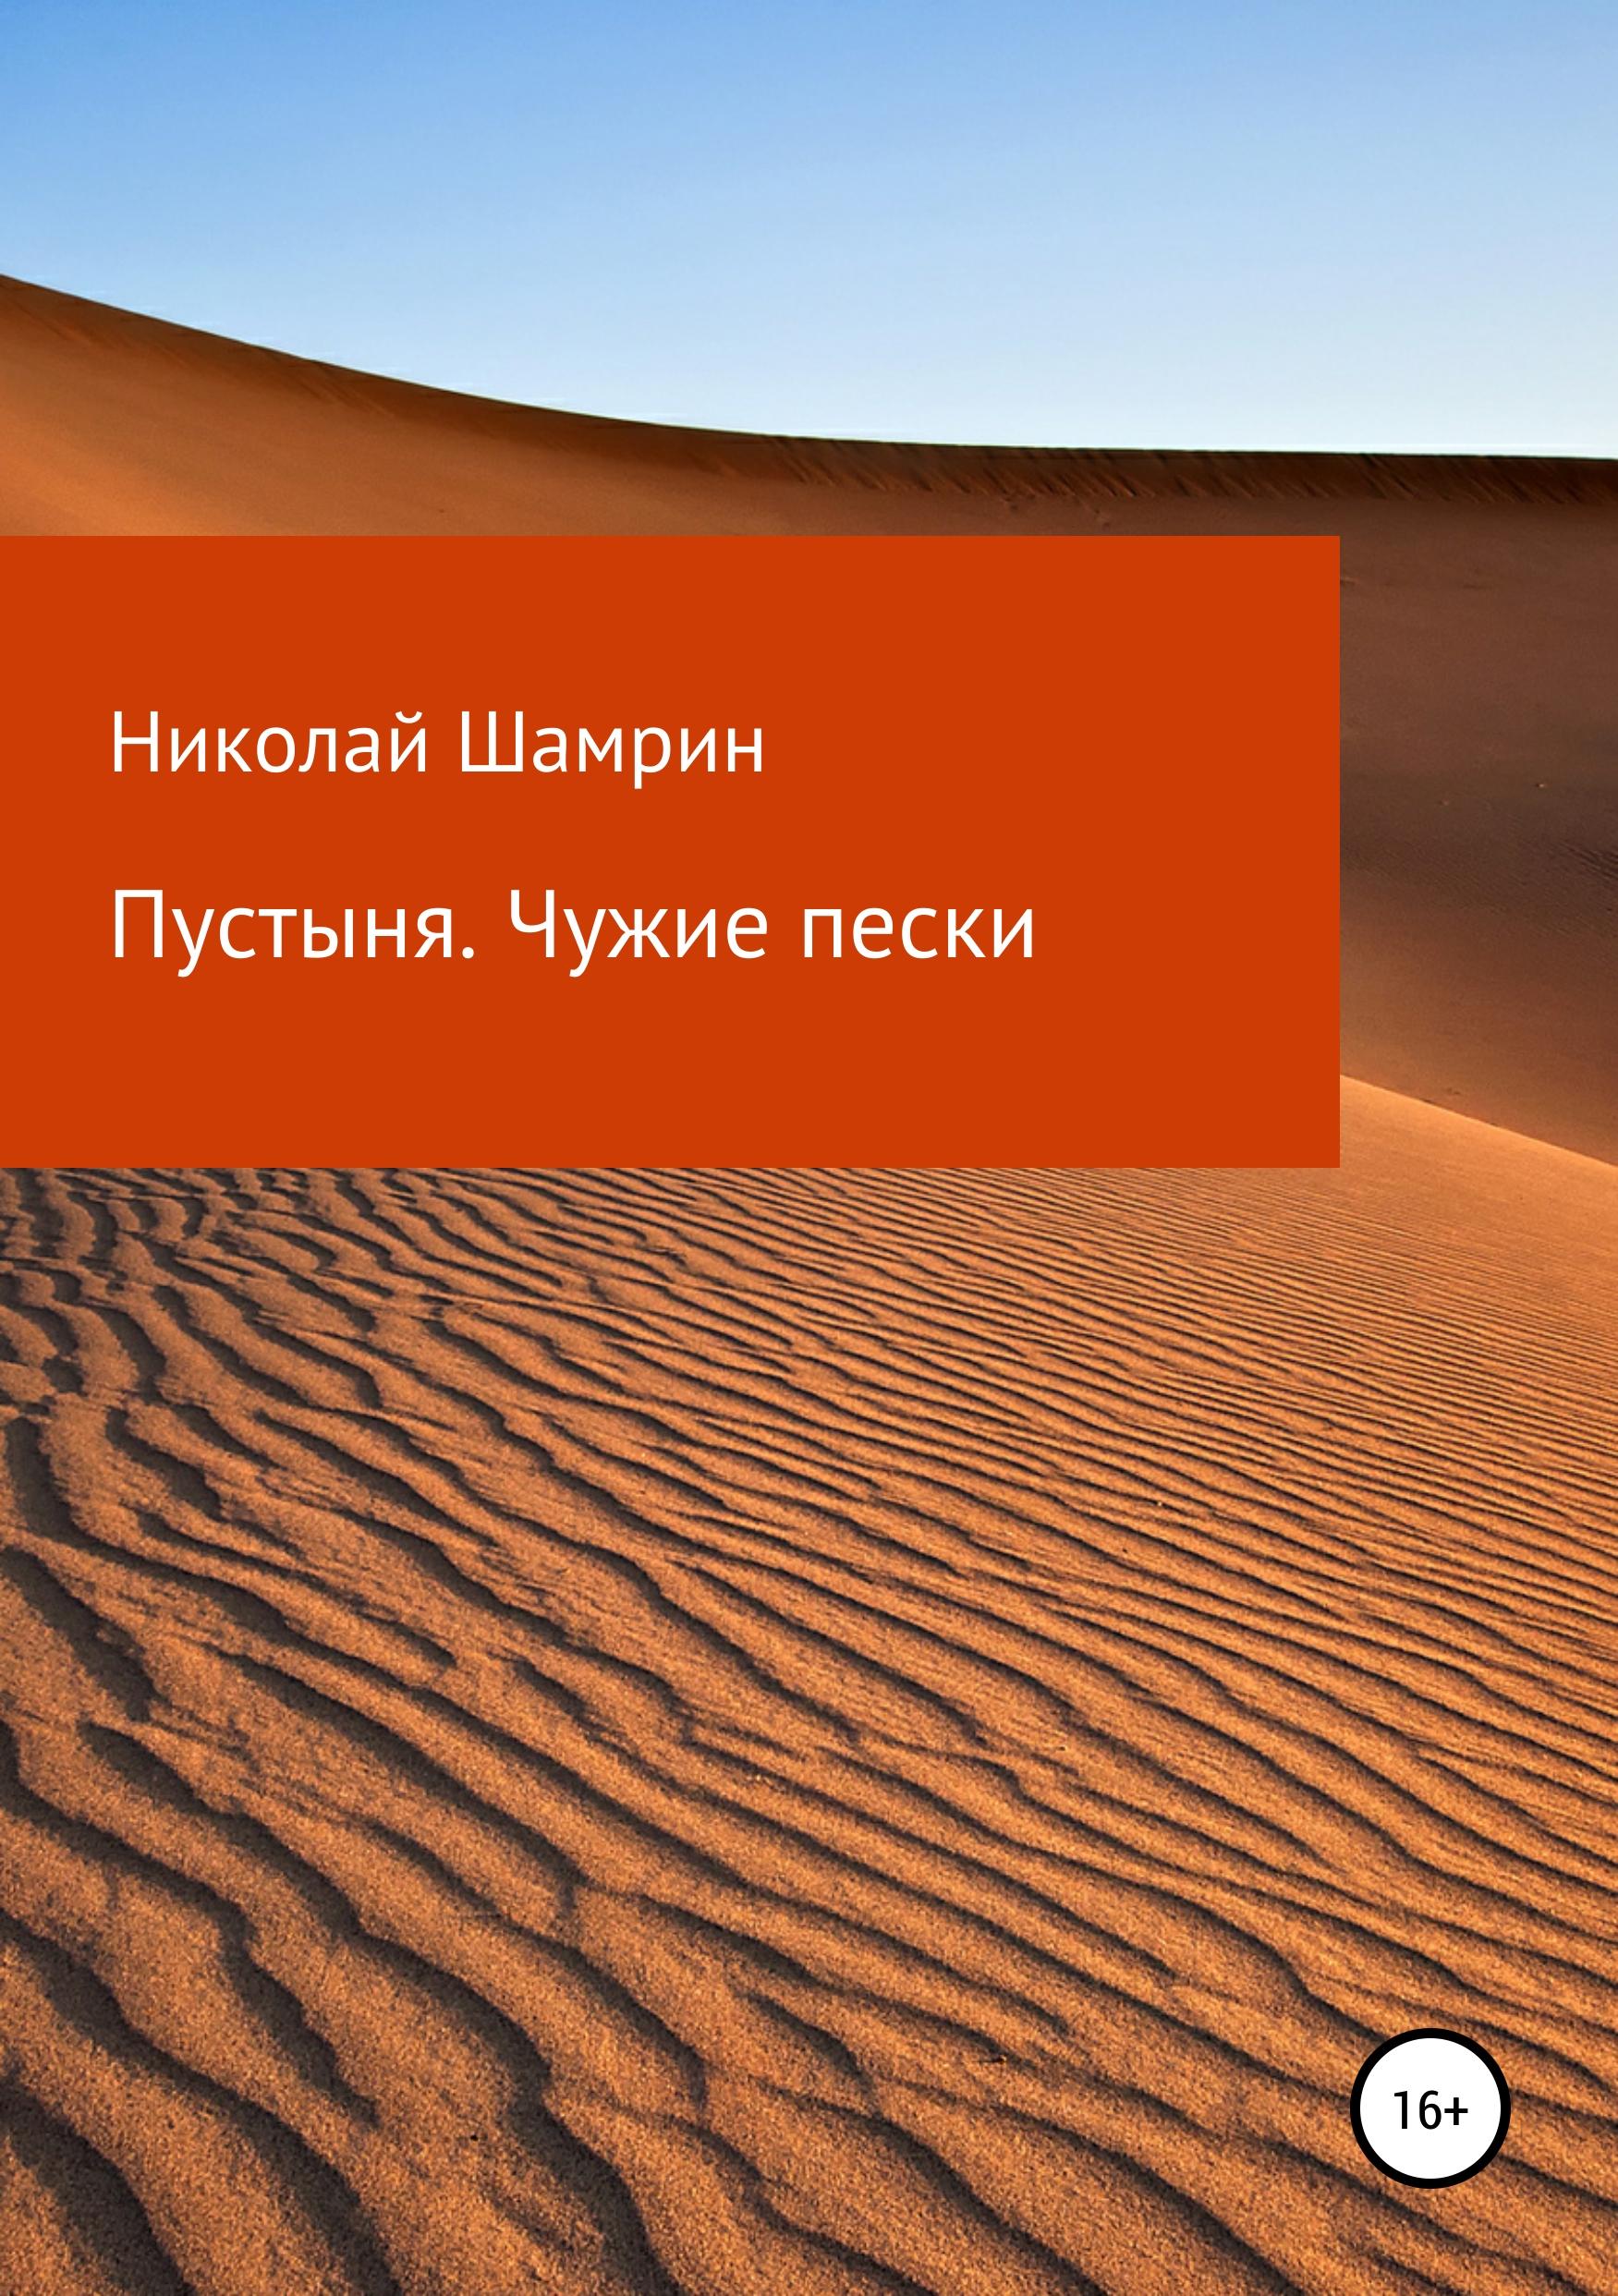 Пустыня. Чужие пески